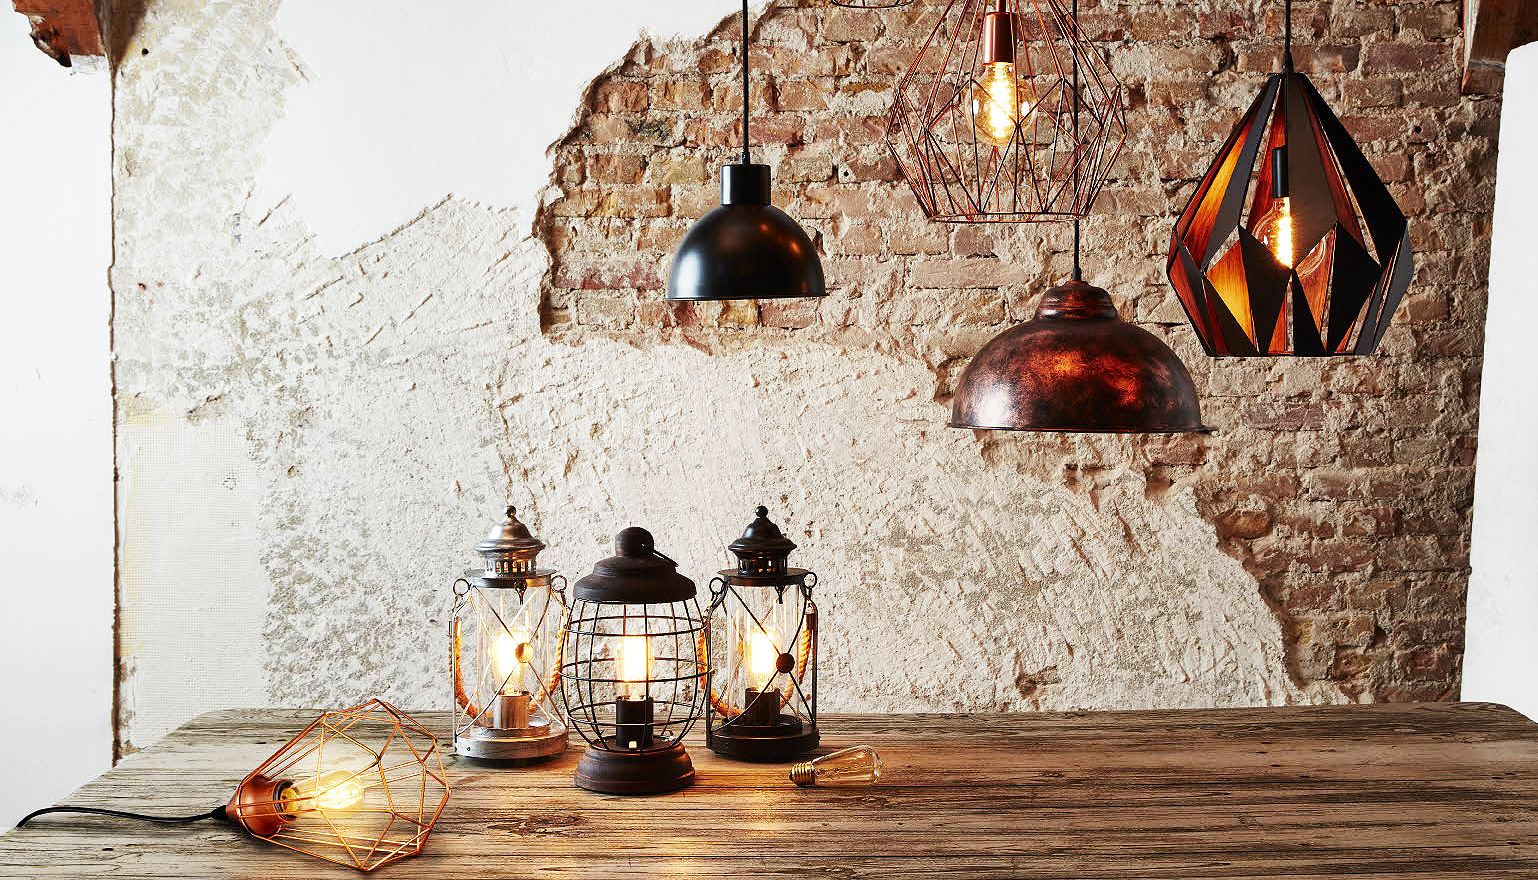 Massive Wandlamp Badkamer : Verlichting spots hanglampen wandlampen en meer